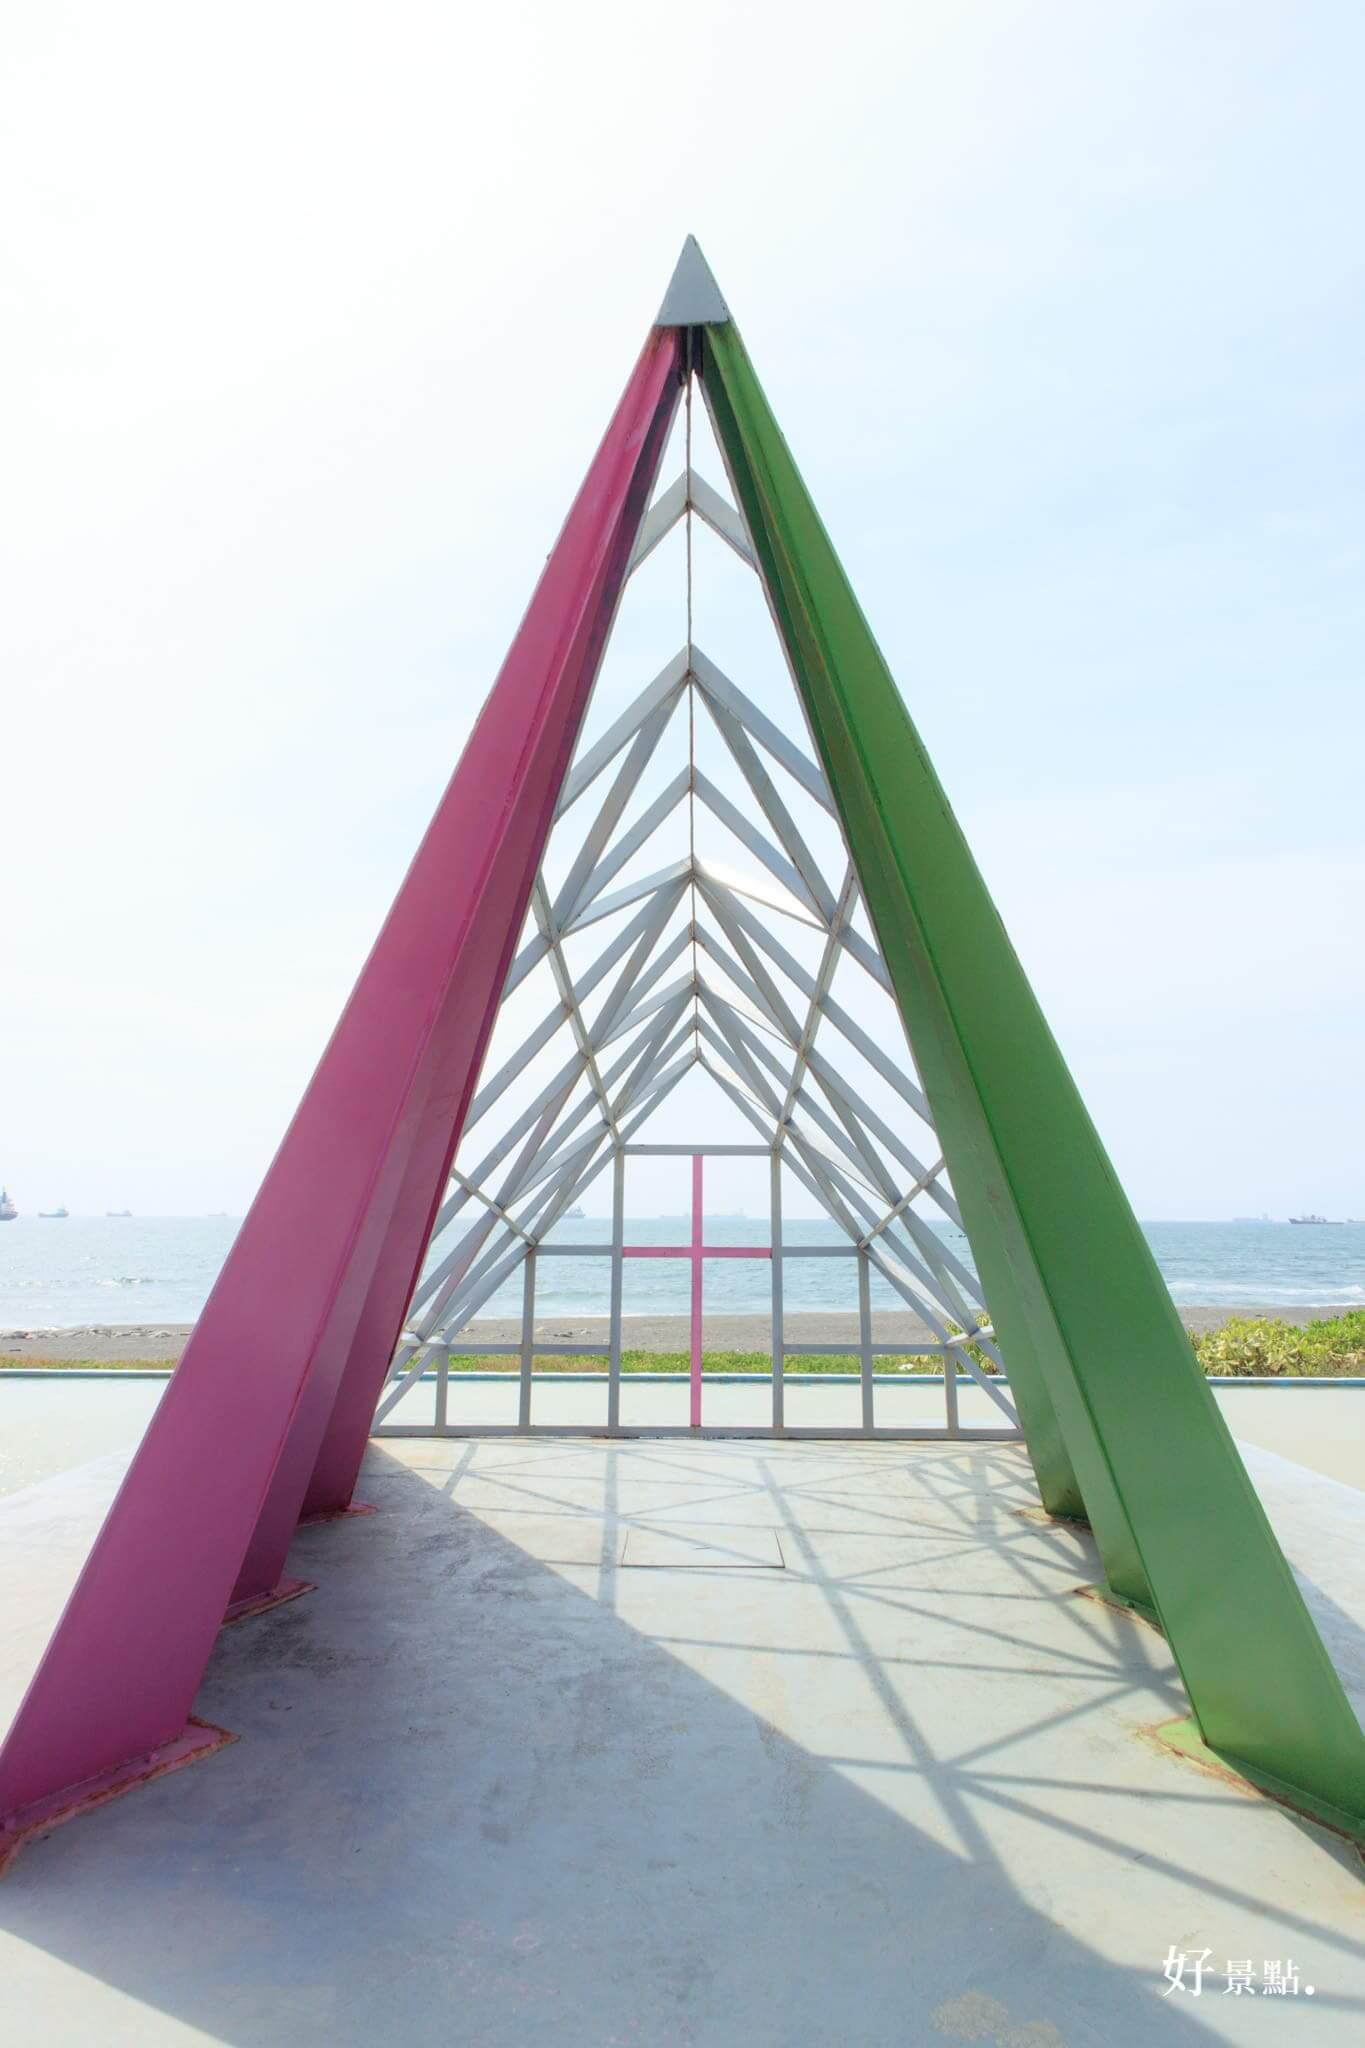 |高雄。旗津|彩虹教堂-夢幻色彩繽紛必拍景點!